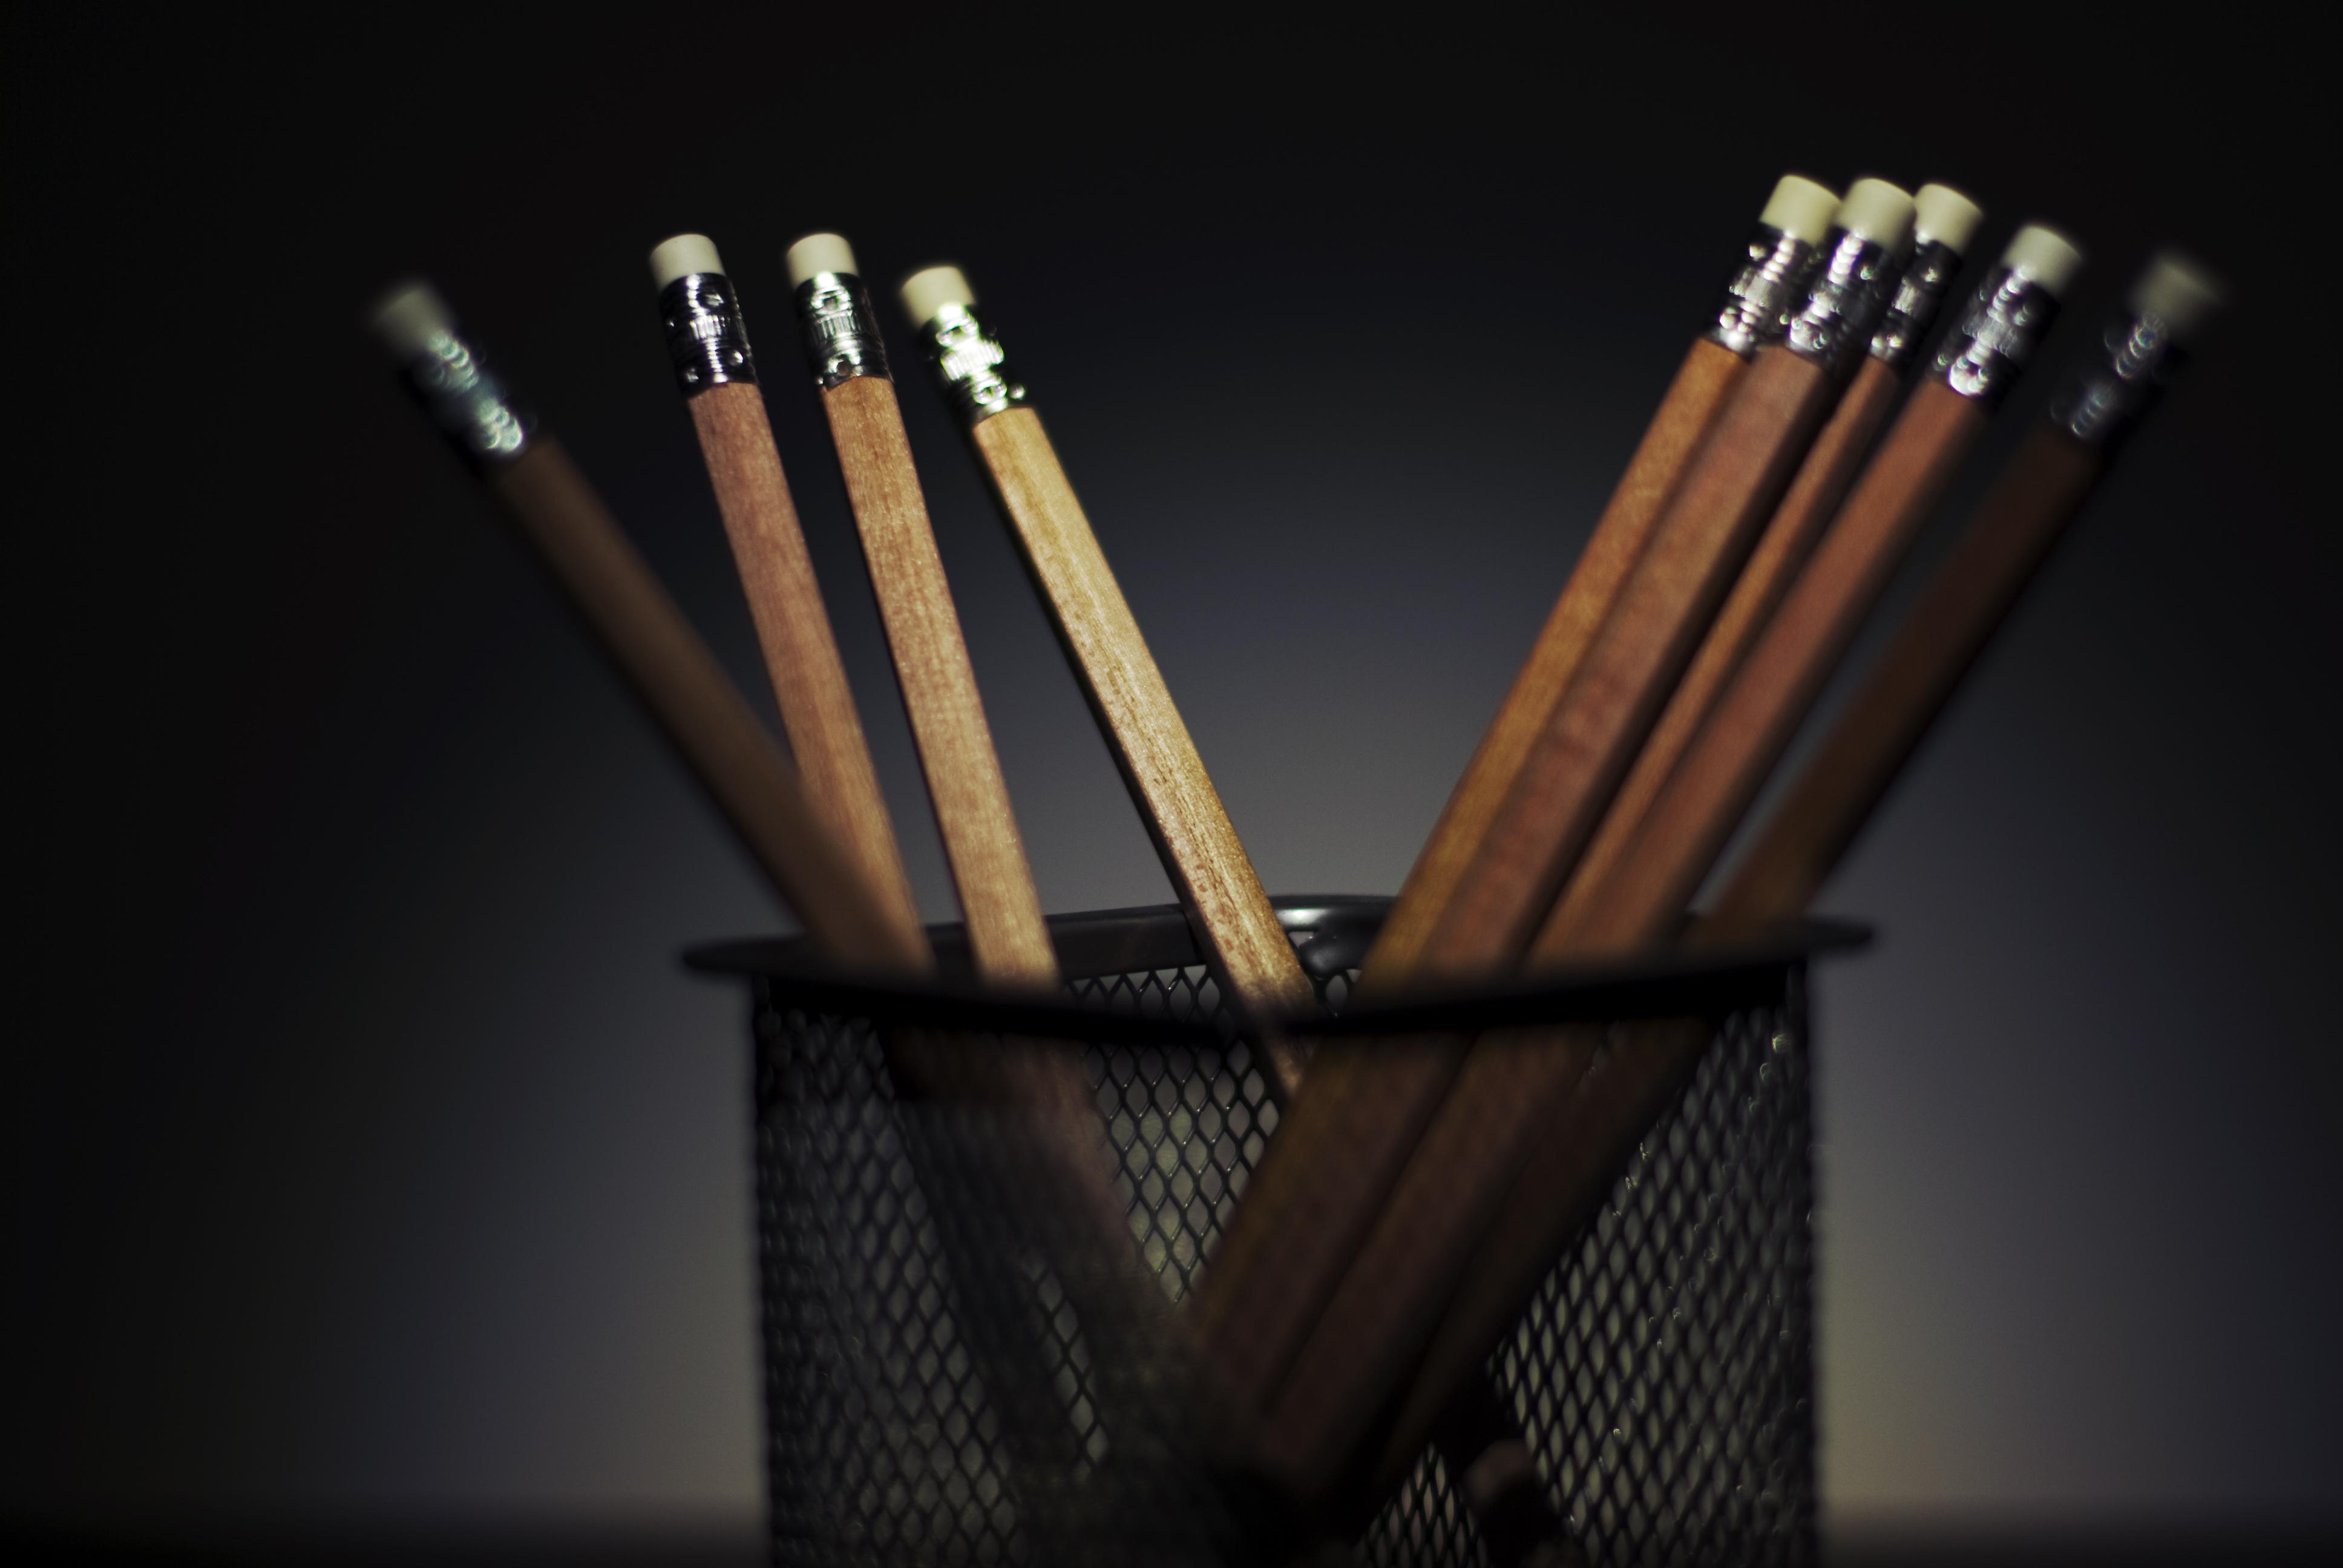 Free stock photo of wood, art, dark, writing